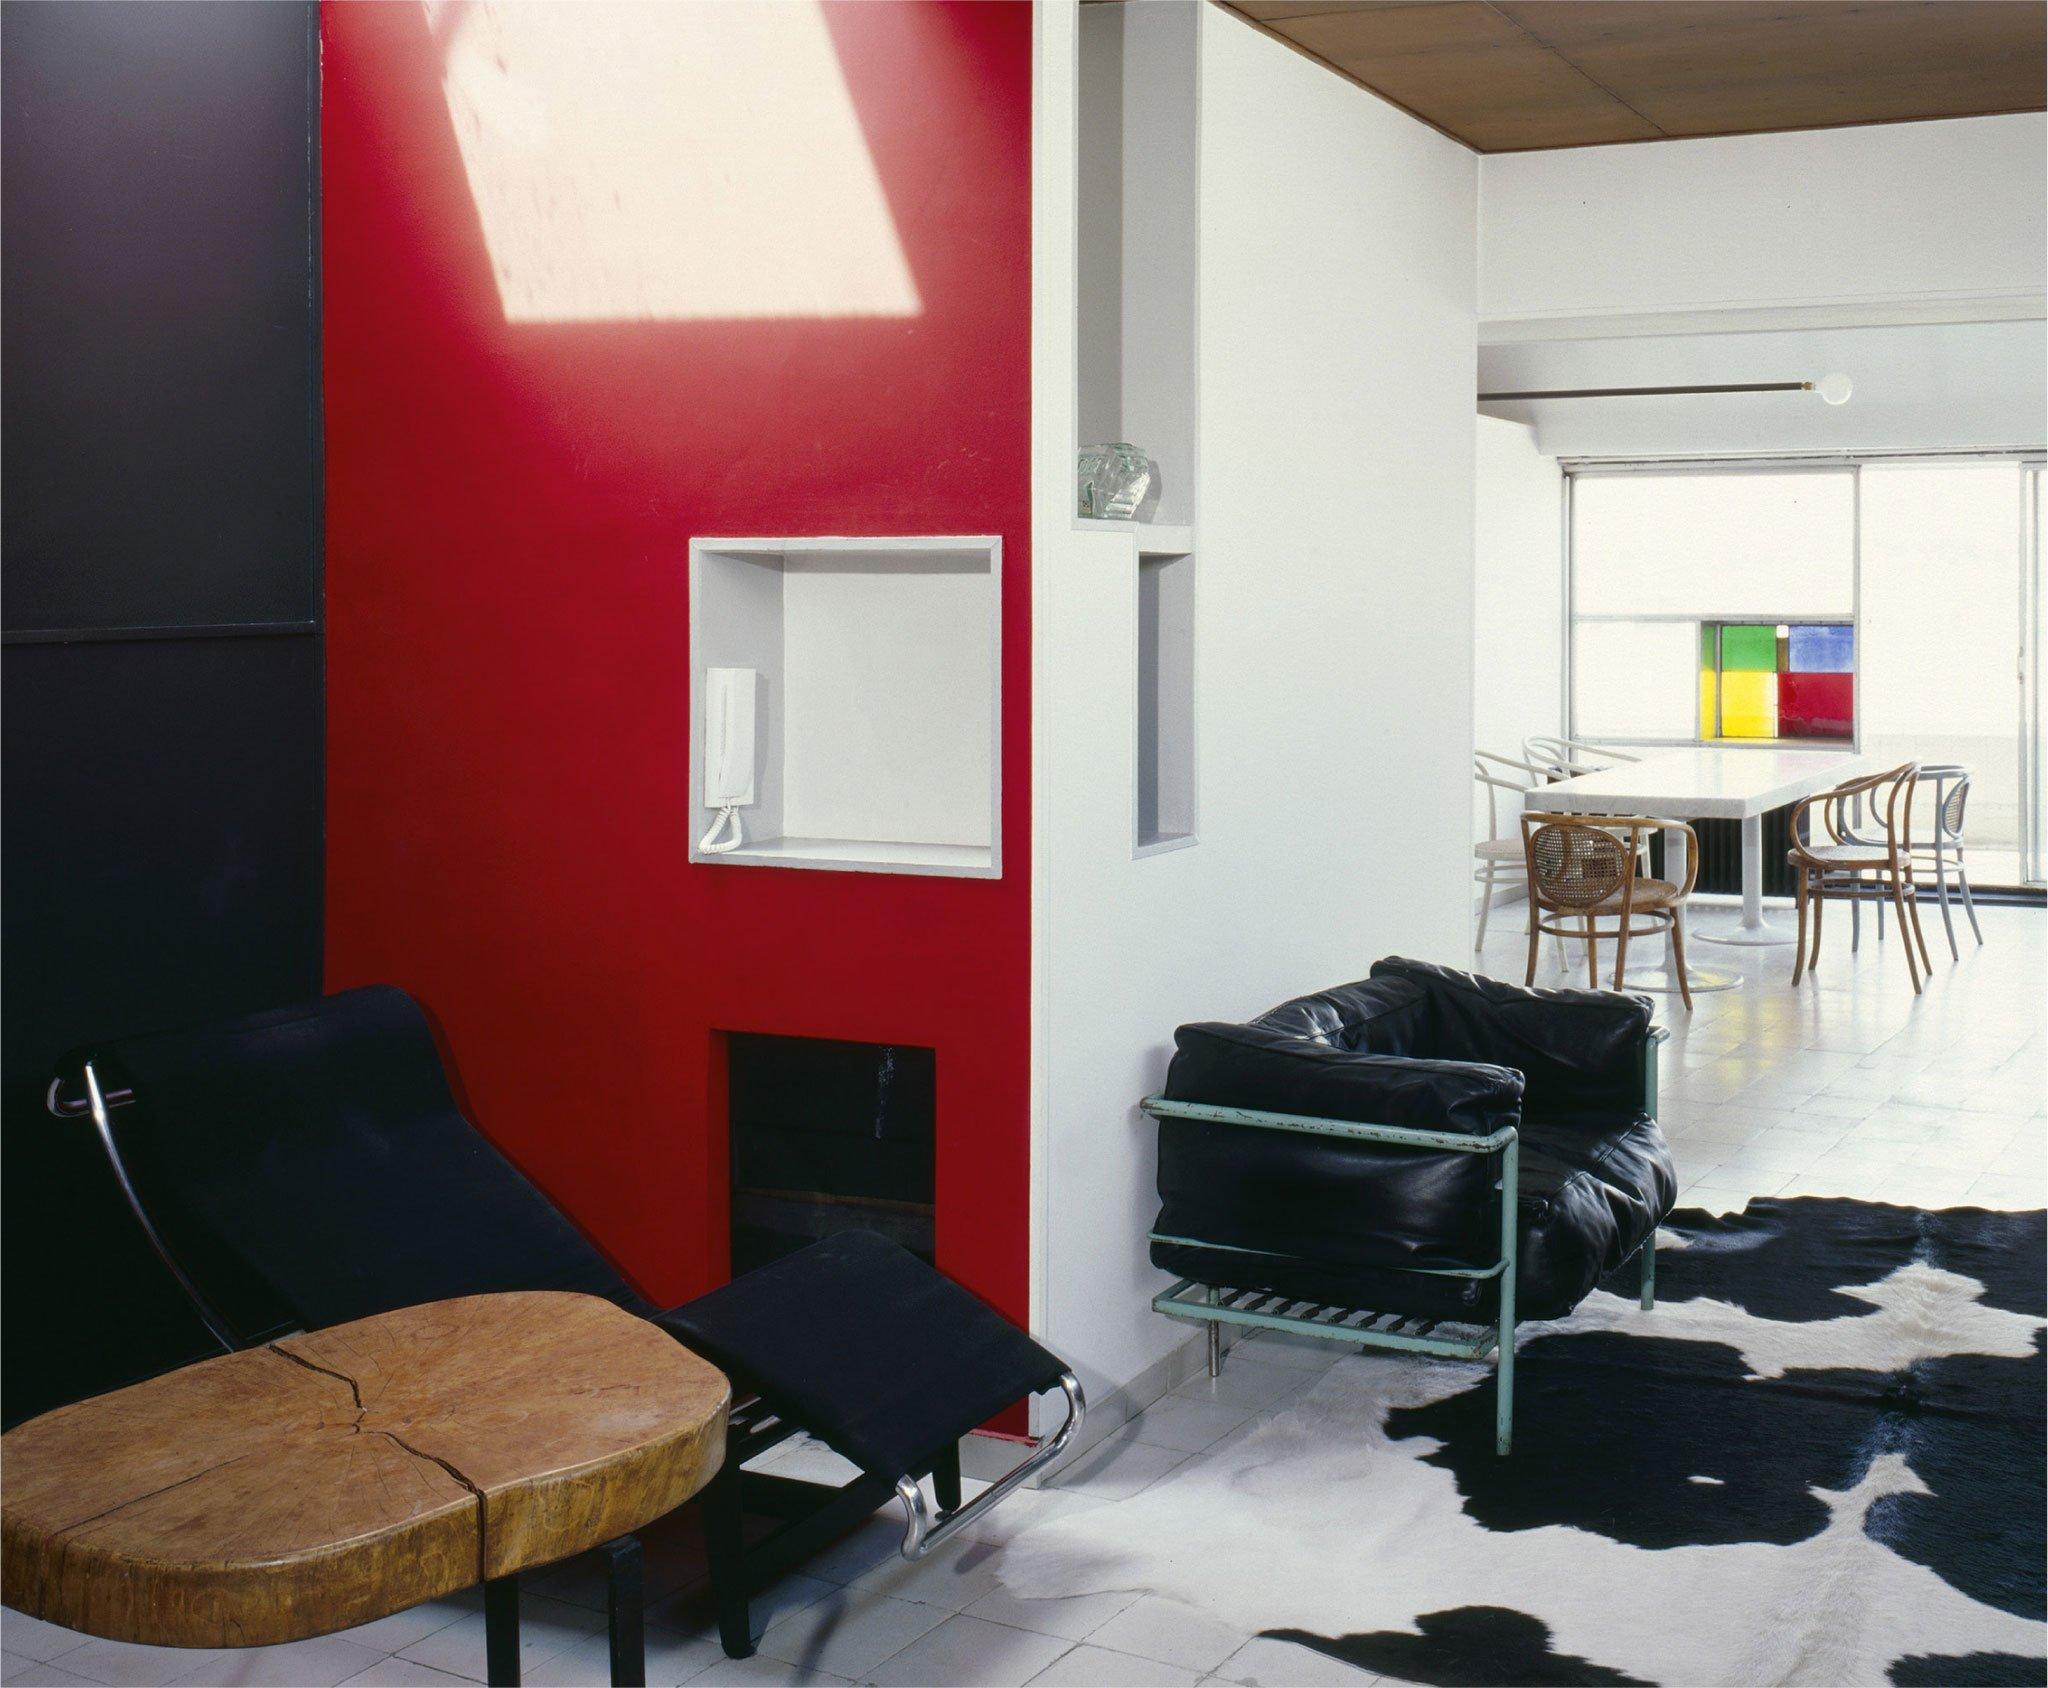 Restauración del apartamento-estudio de Le Corbusier. Cortesía de Fondation Le Corbusier